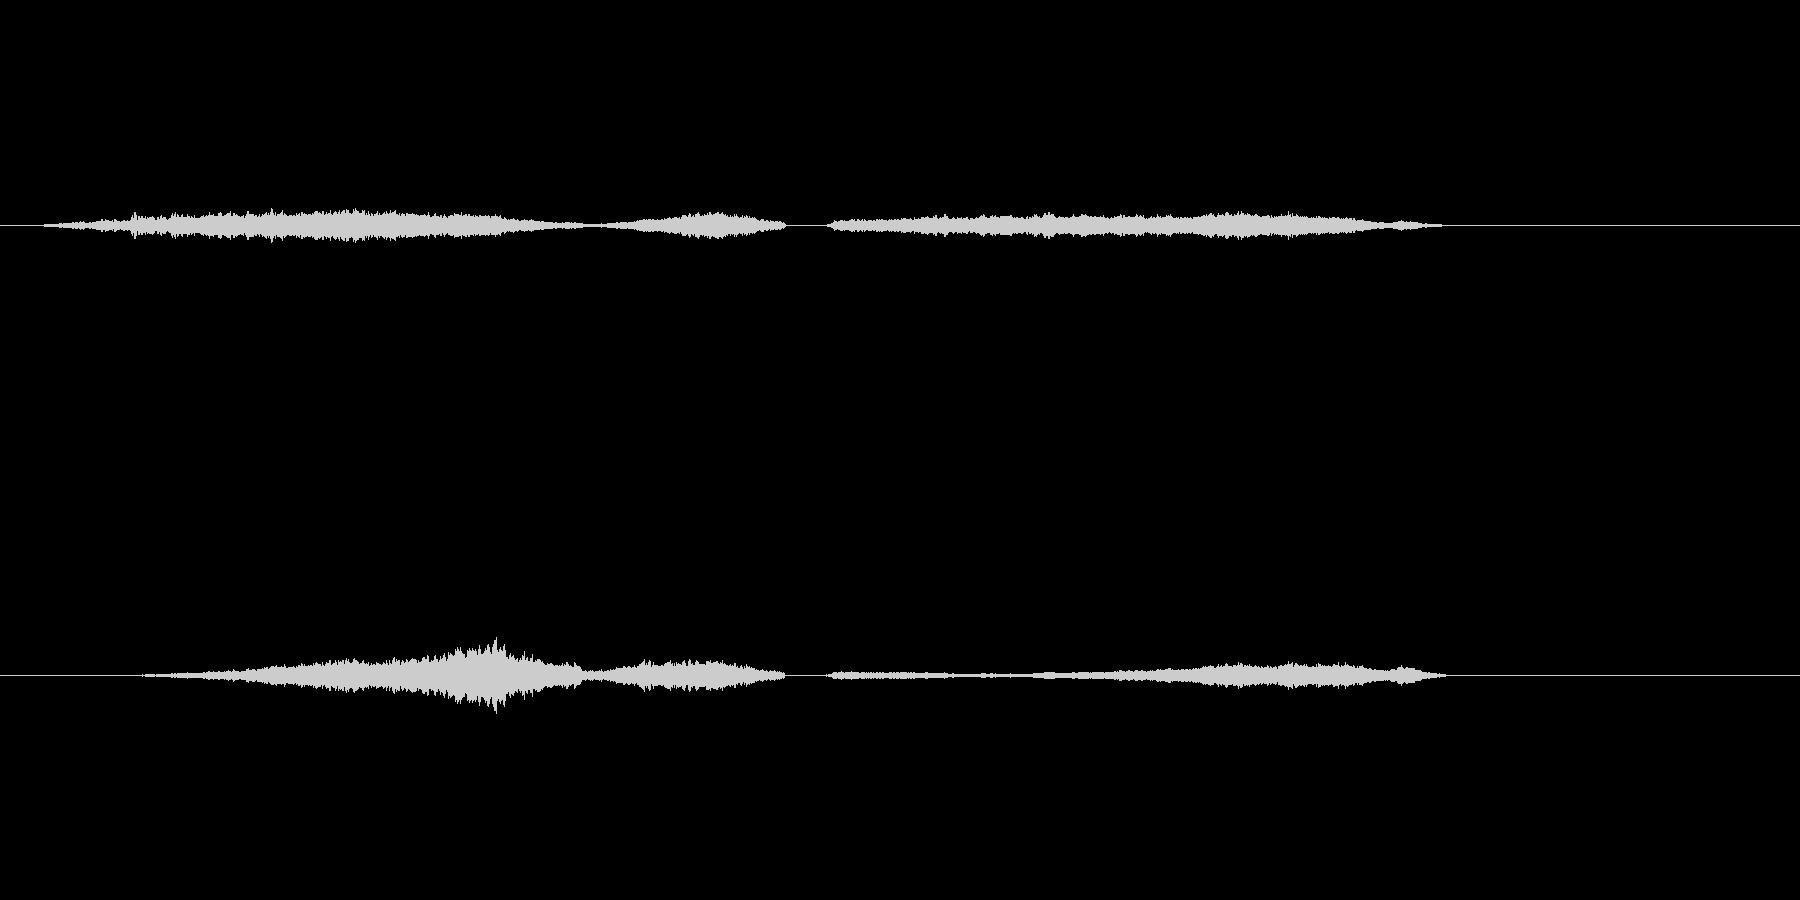 蚊の羽音(プーーー・・・ン)の未再生の波形